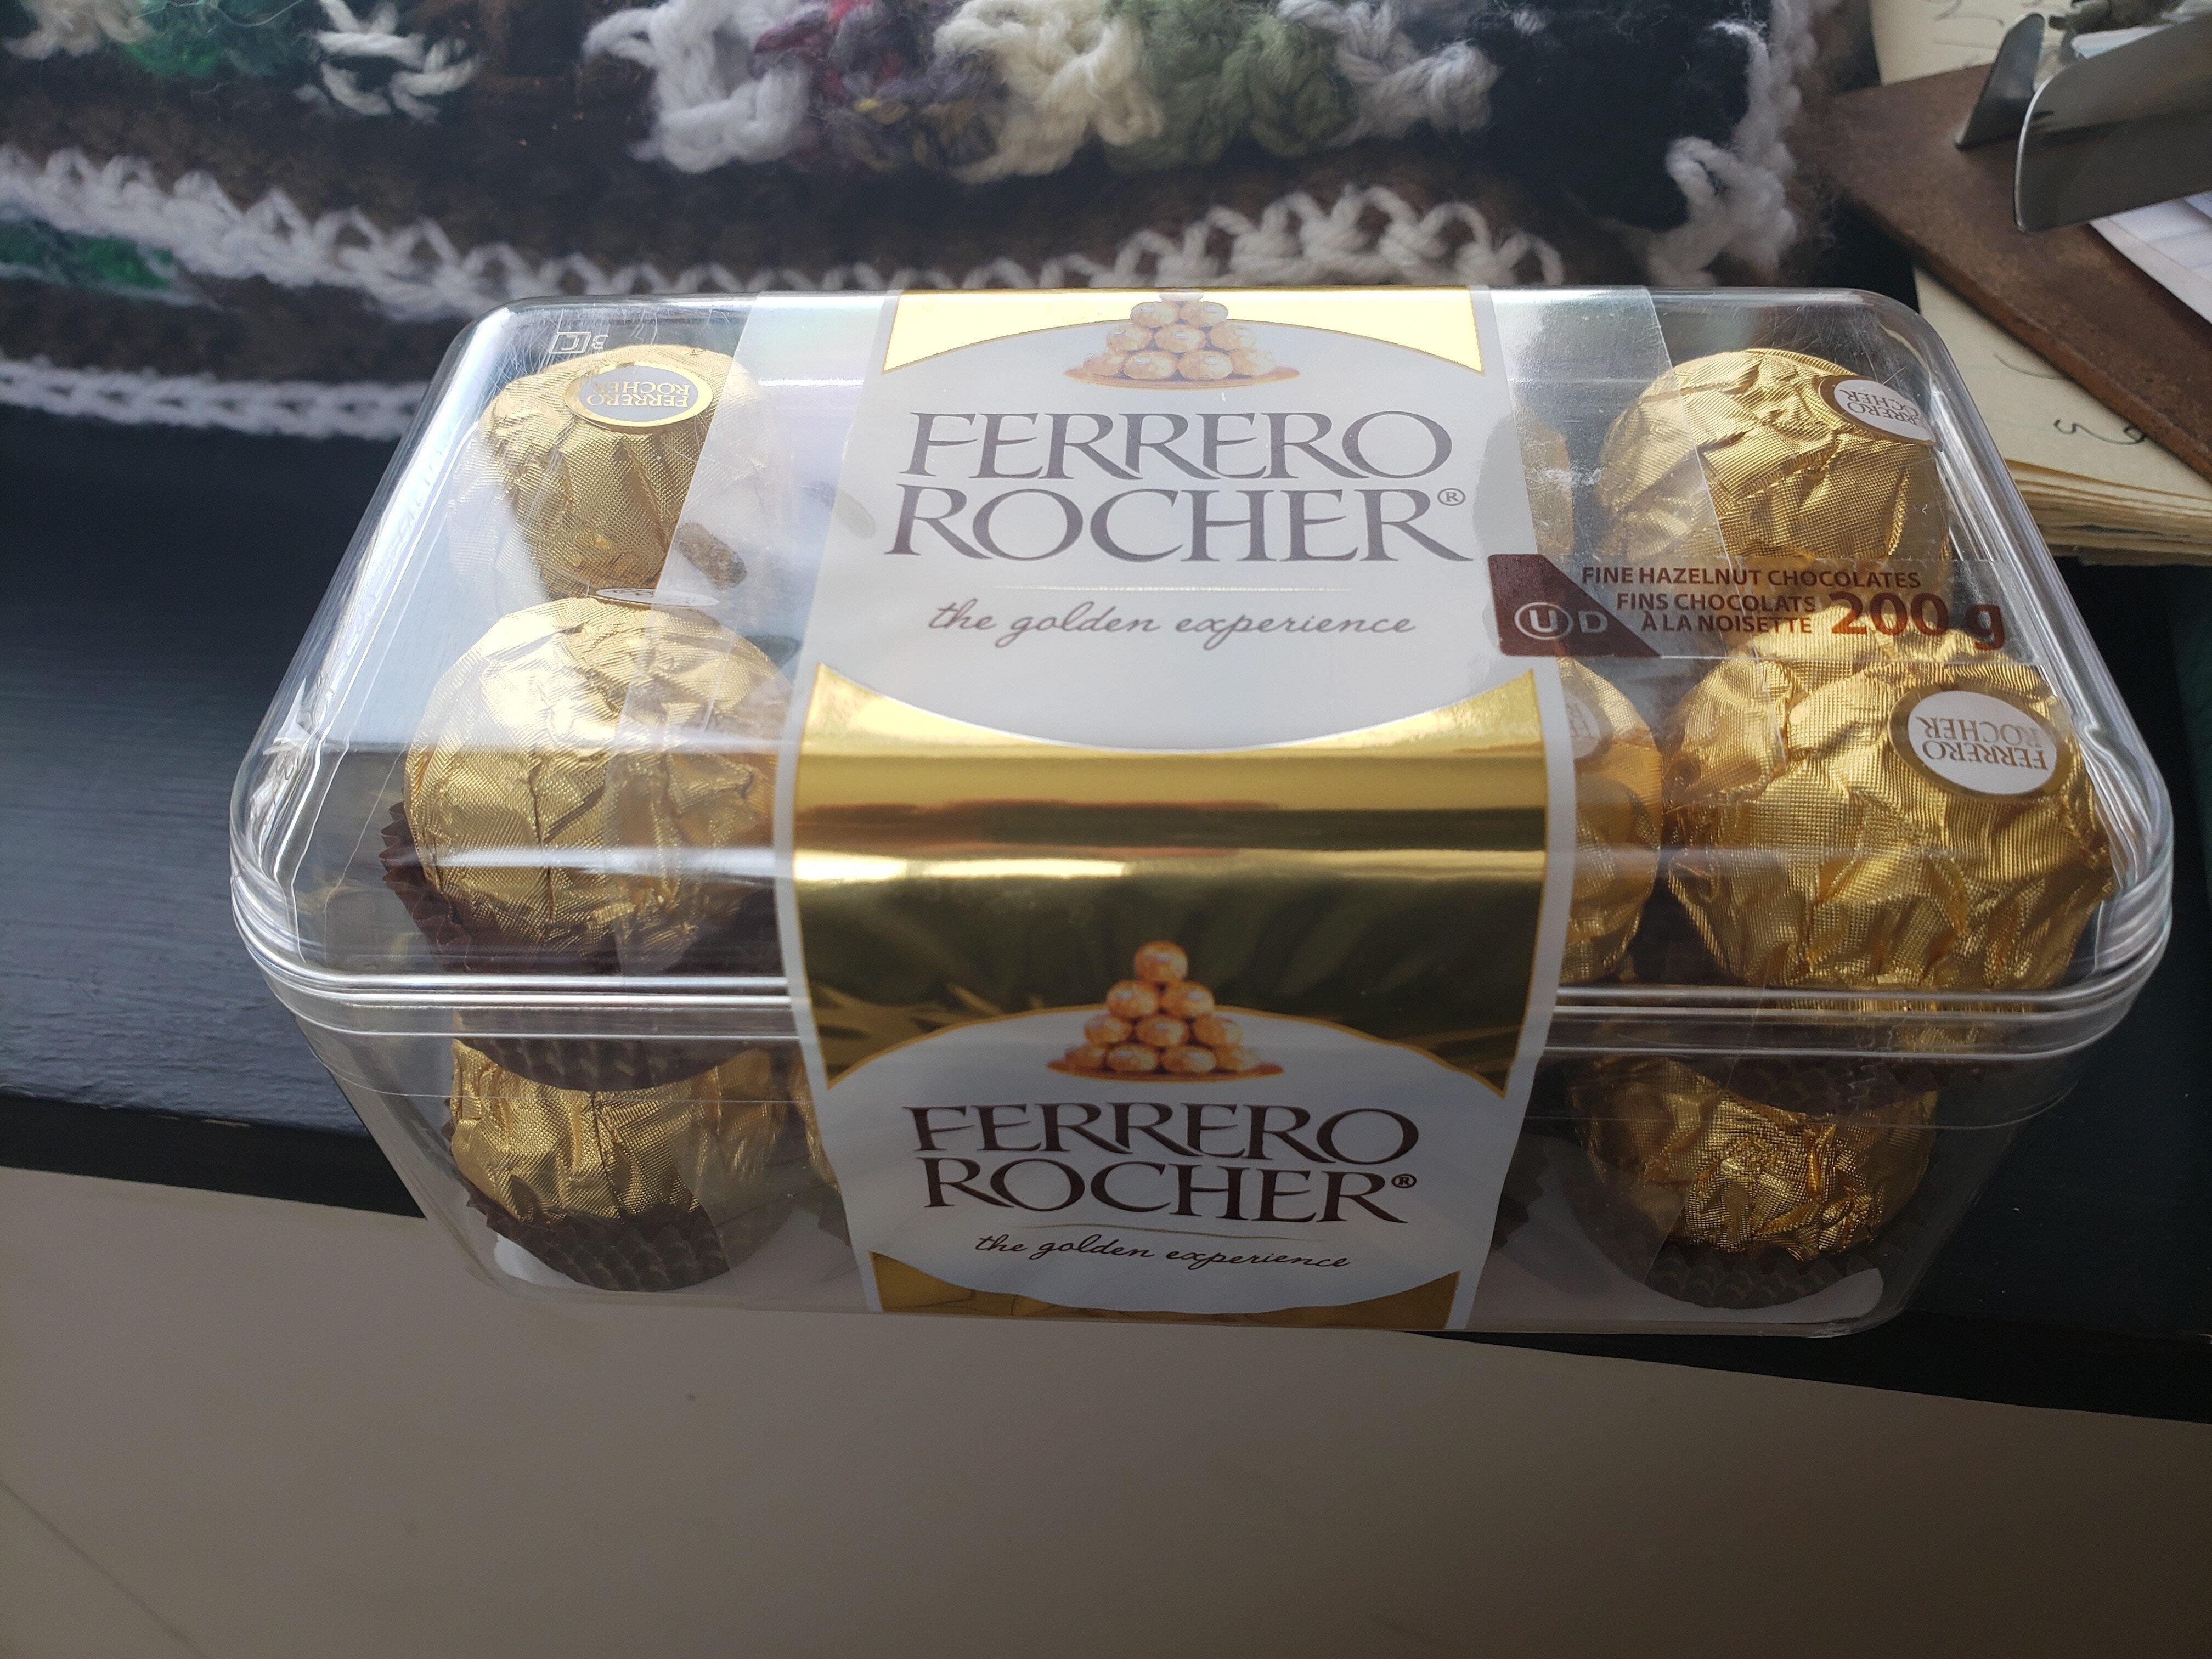 Ferrero rocher fins chocolats à la noisette - Produit - fr